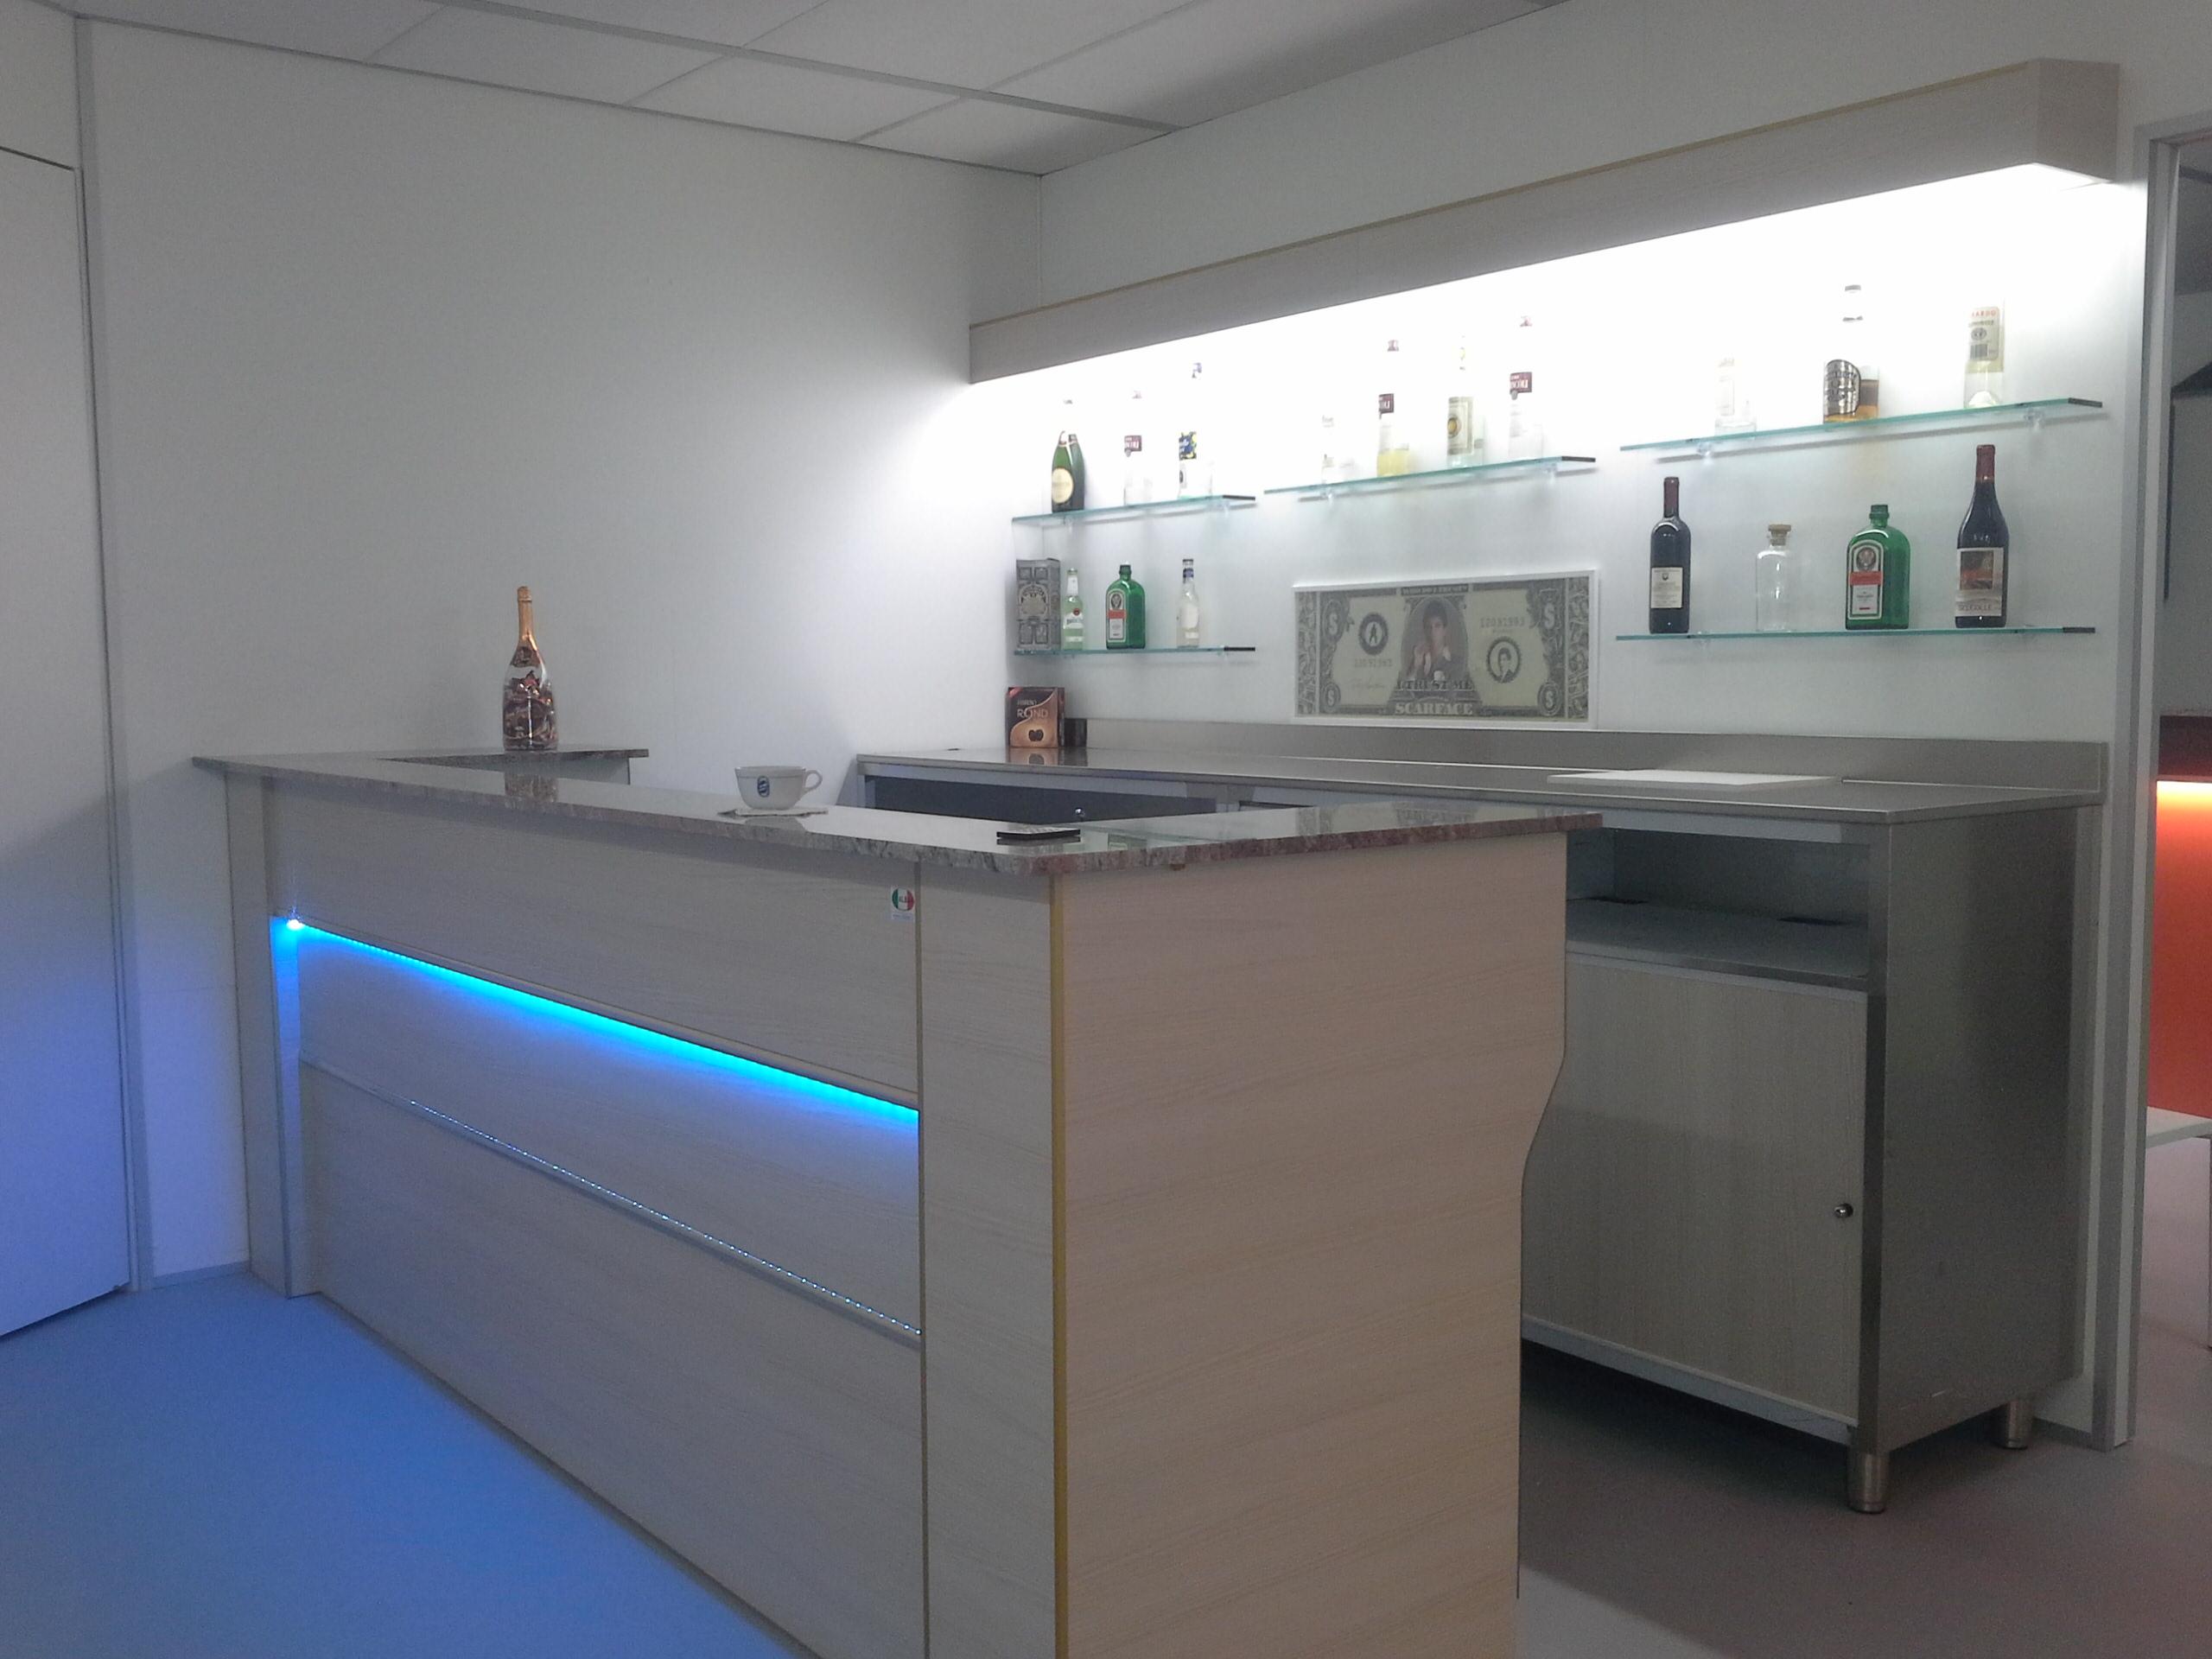 Banchi bar produttori banchi bar grezzi e rivestiti for Arredamento pasticceria prezzi